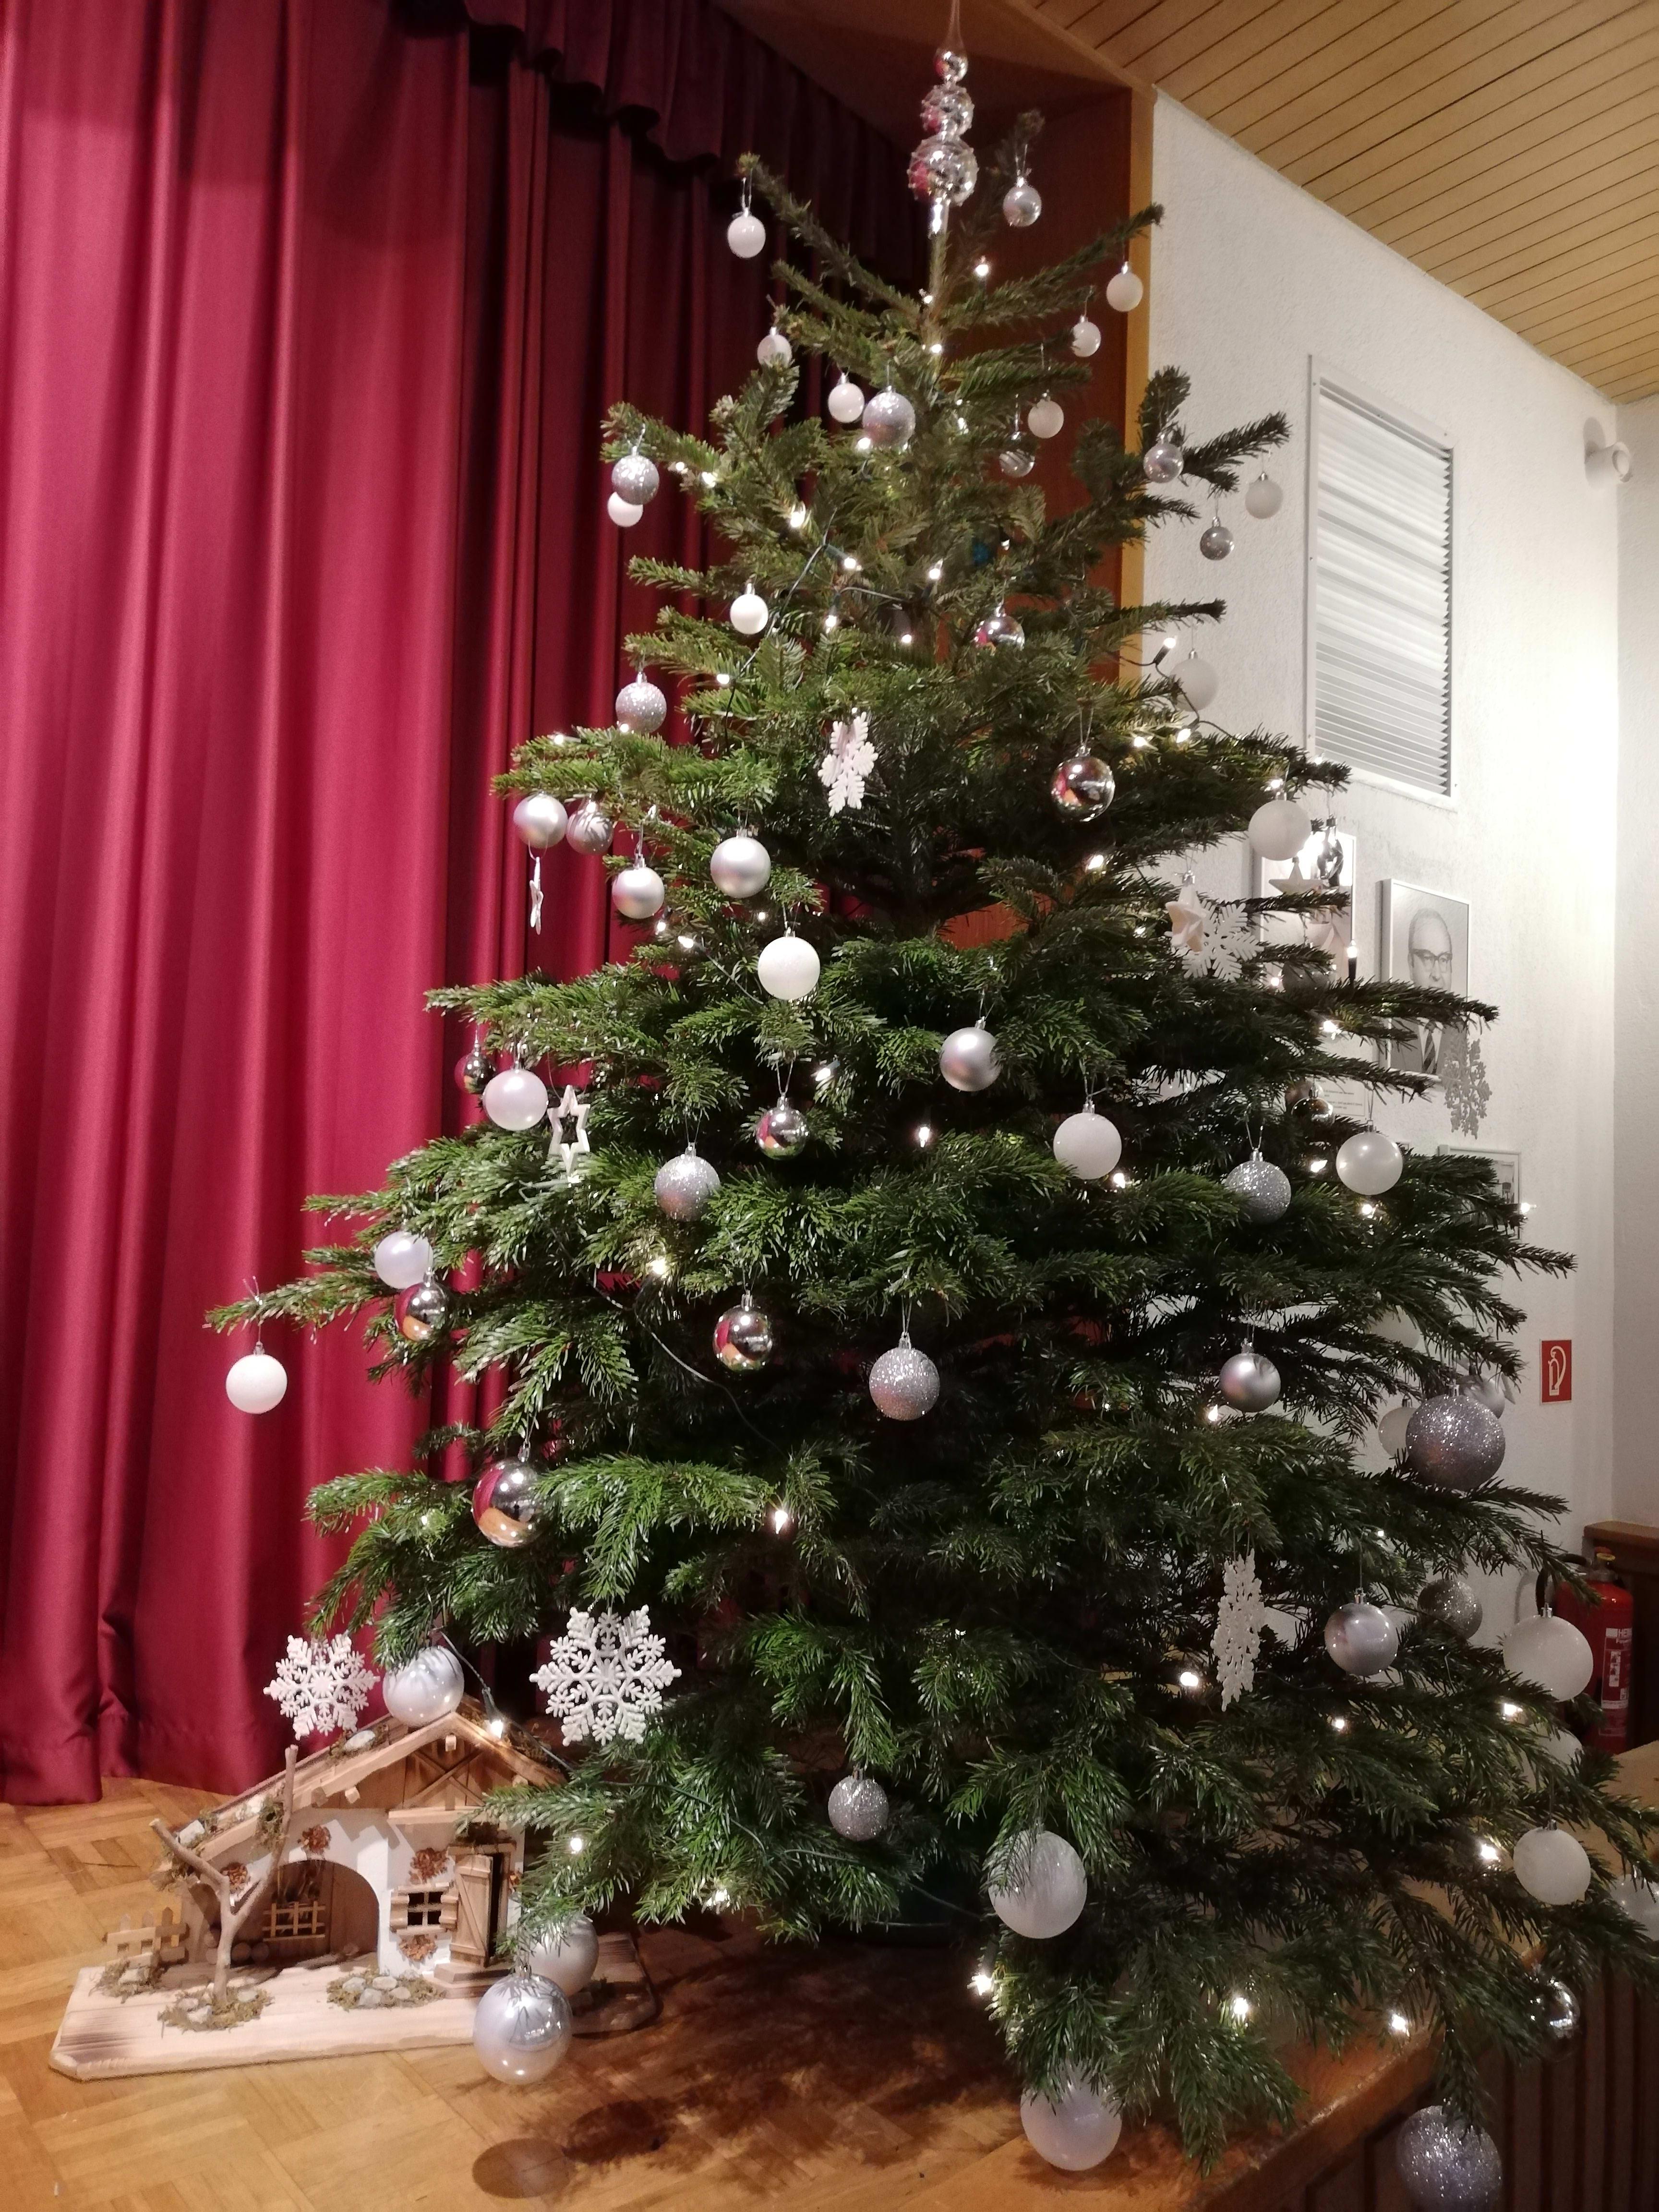 2020-12-22-advents-und-weihnachtszeit-im-kolpinghaus-16